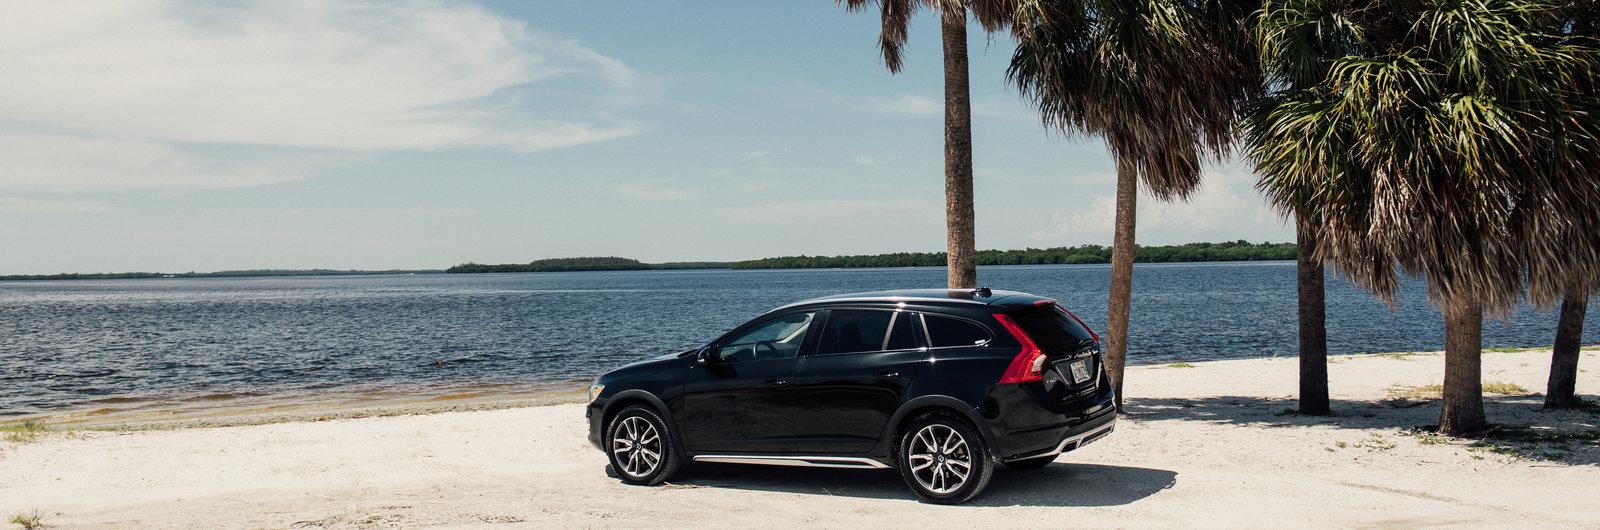 Palm Beach Car Rental Cheap Deals Sixt